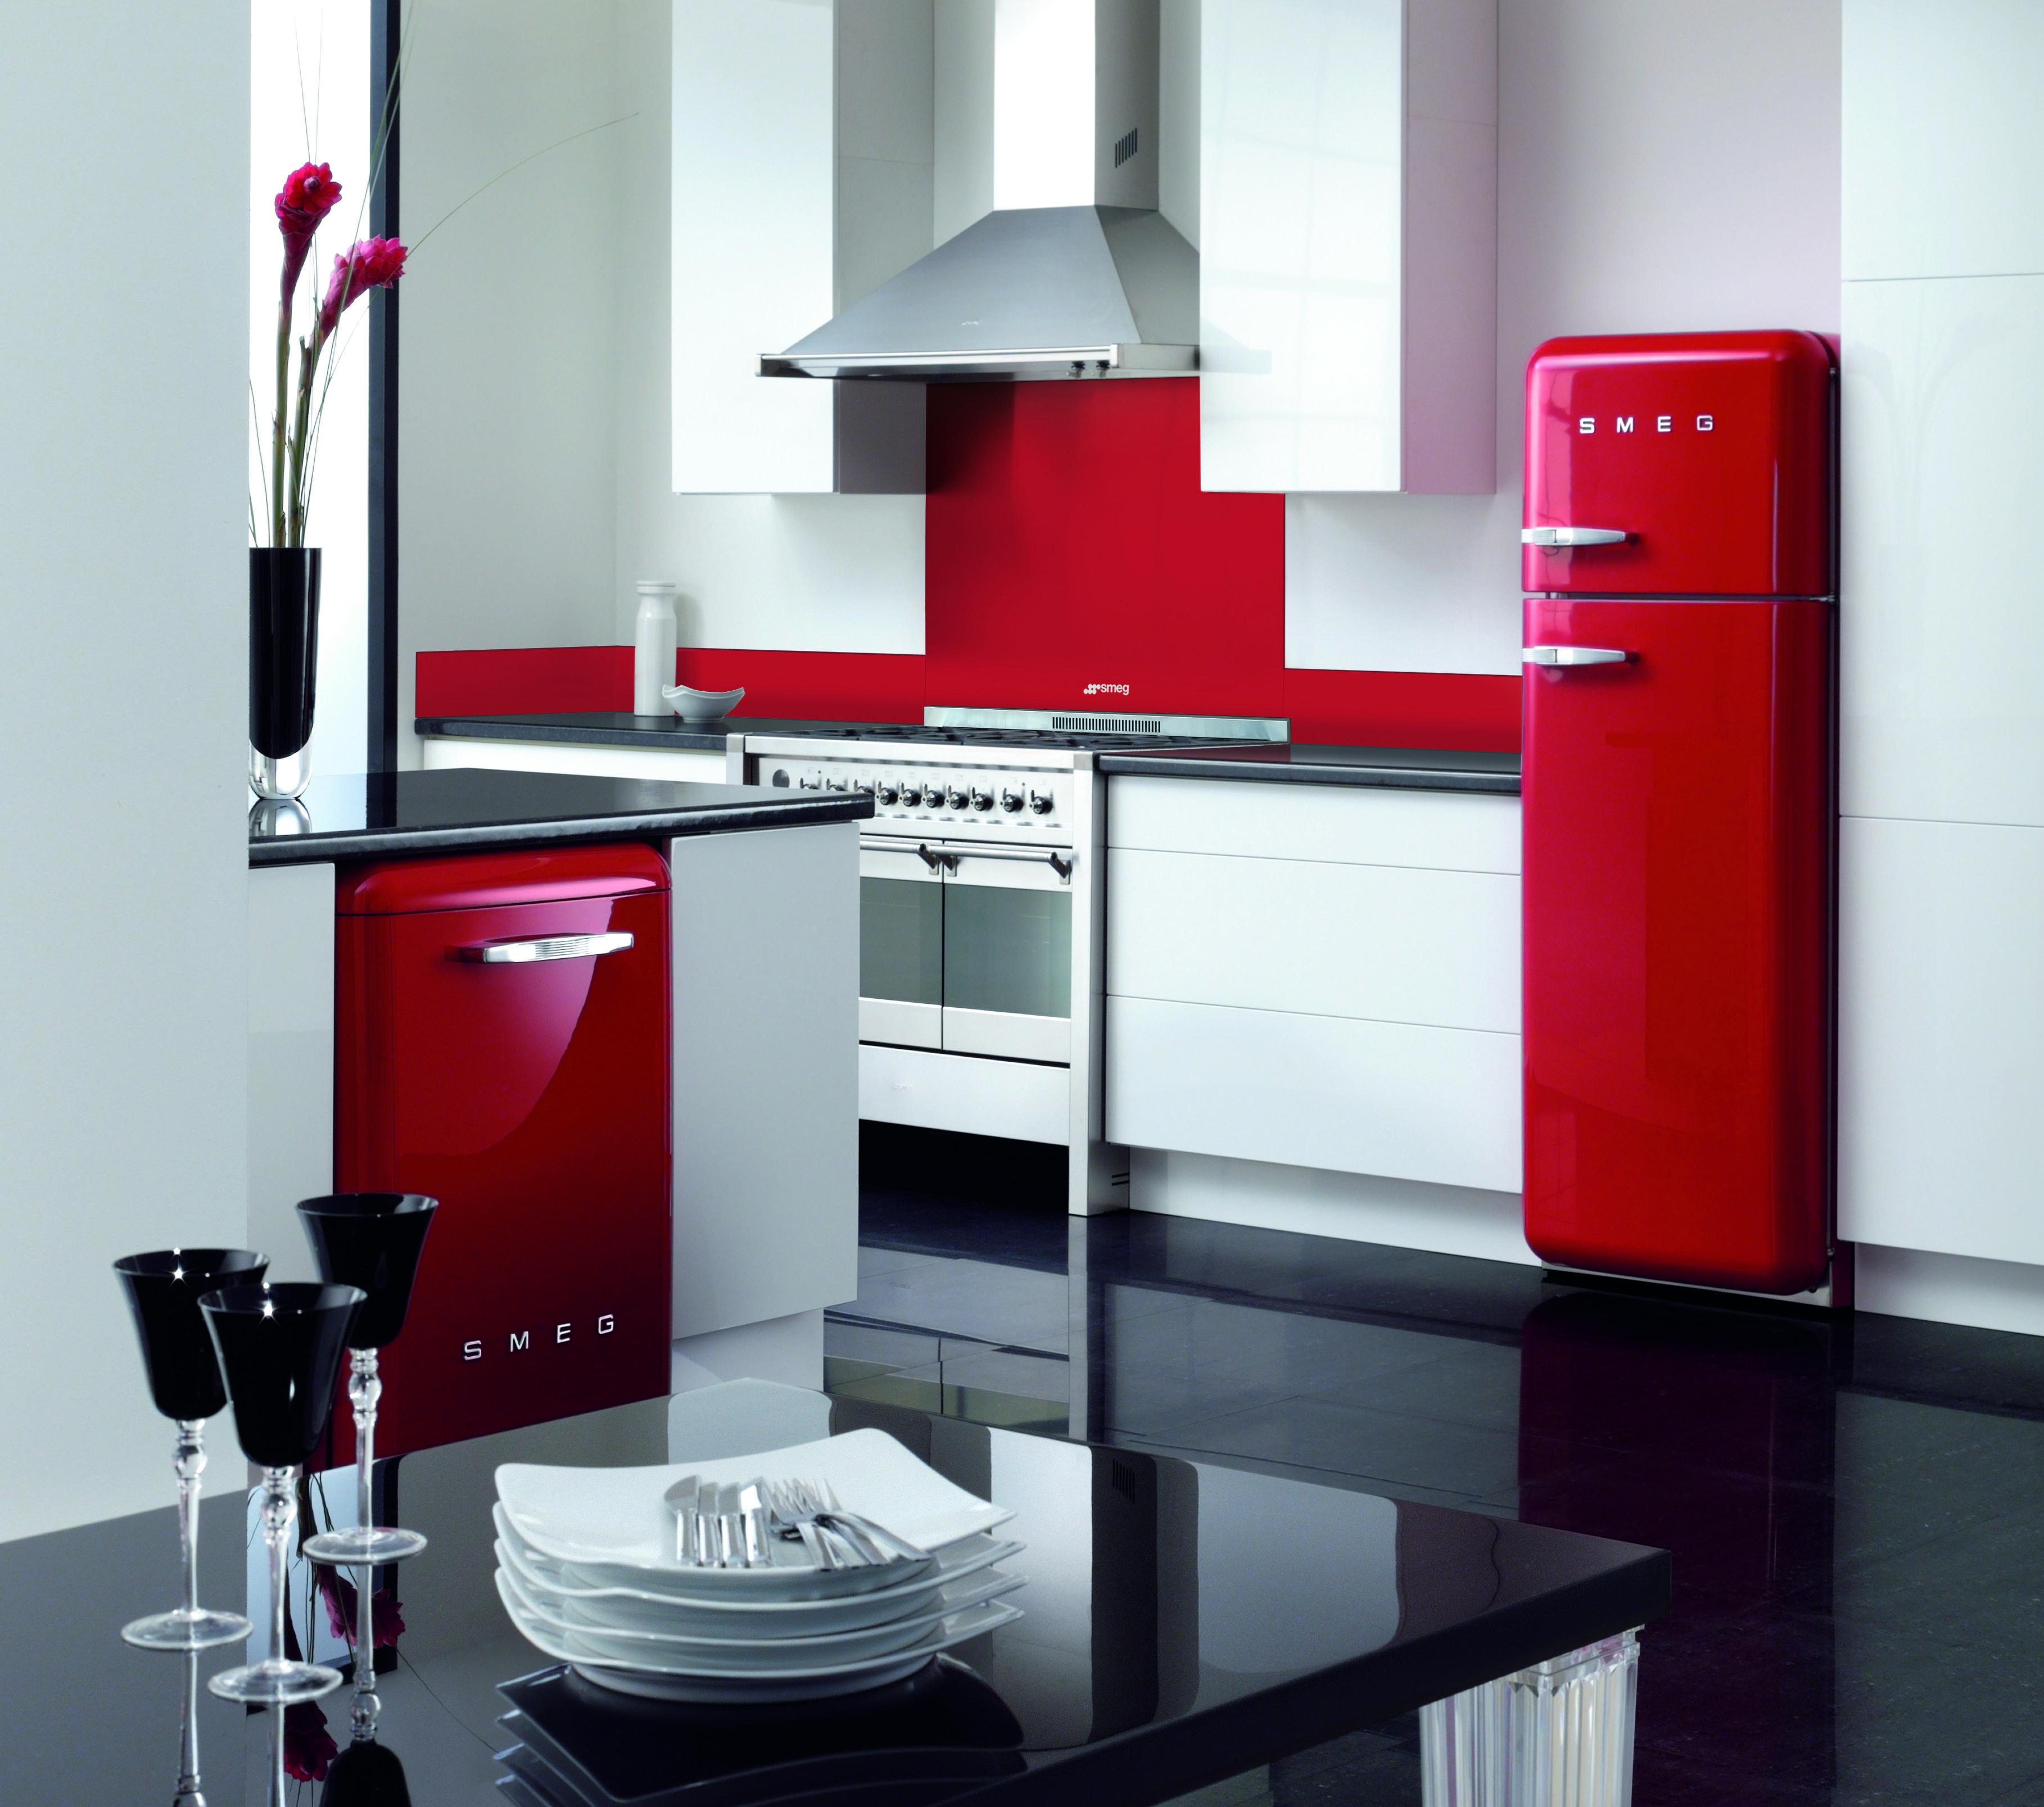 Smeg FAB Room Set All Red Dishwasher and Fridge-Freezer | something ...